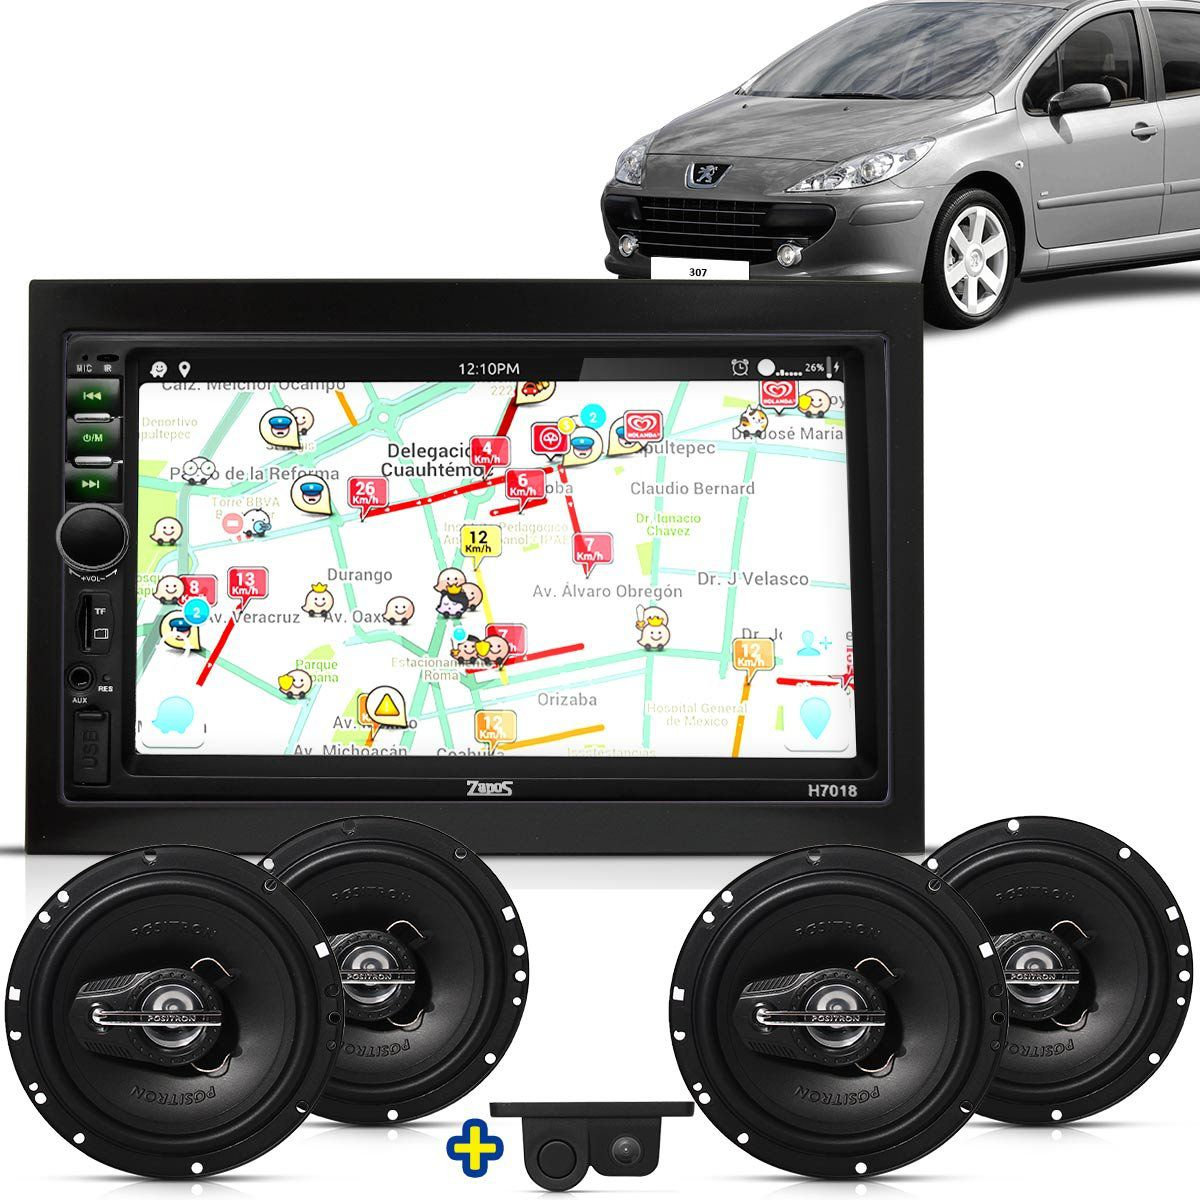 Kit Multimidia Mp5 Peugeot 307 C3 03 A 10 + Moldura Camera Ré Sensor 2 Pares Alto Falantes 6